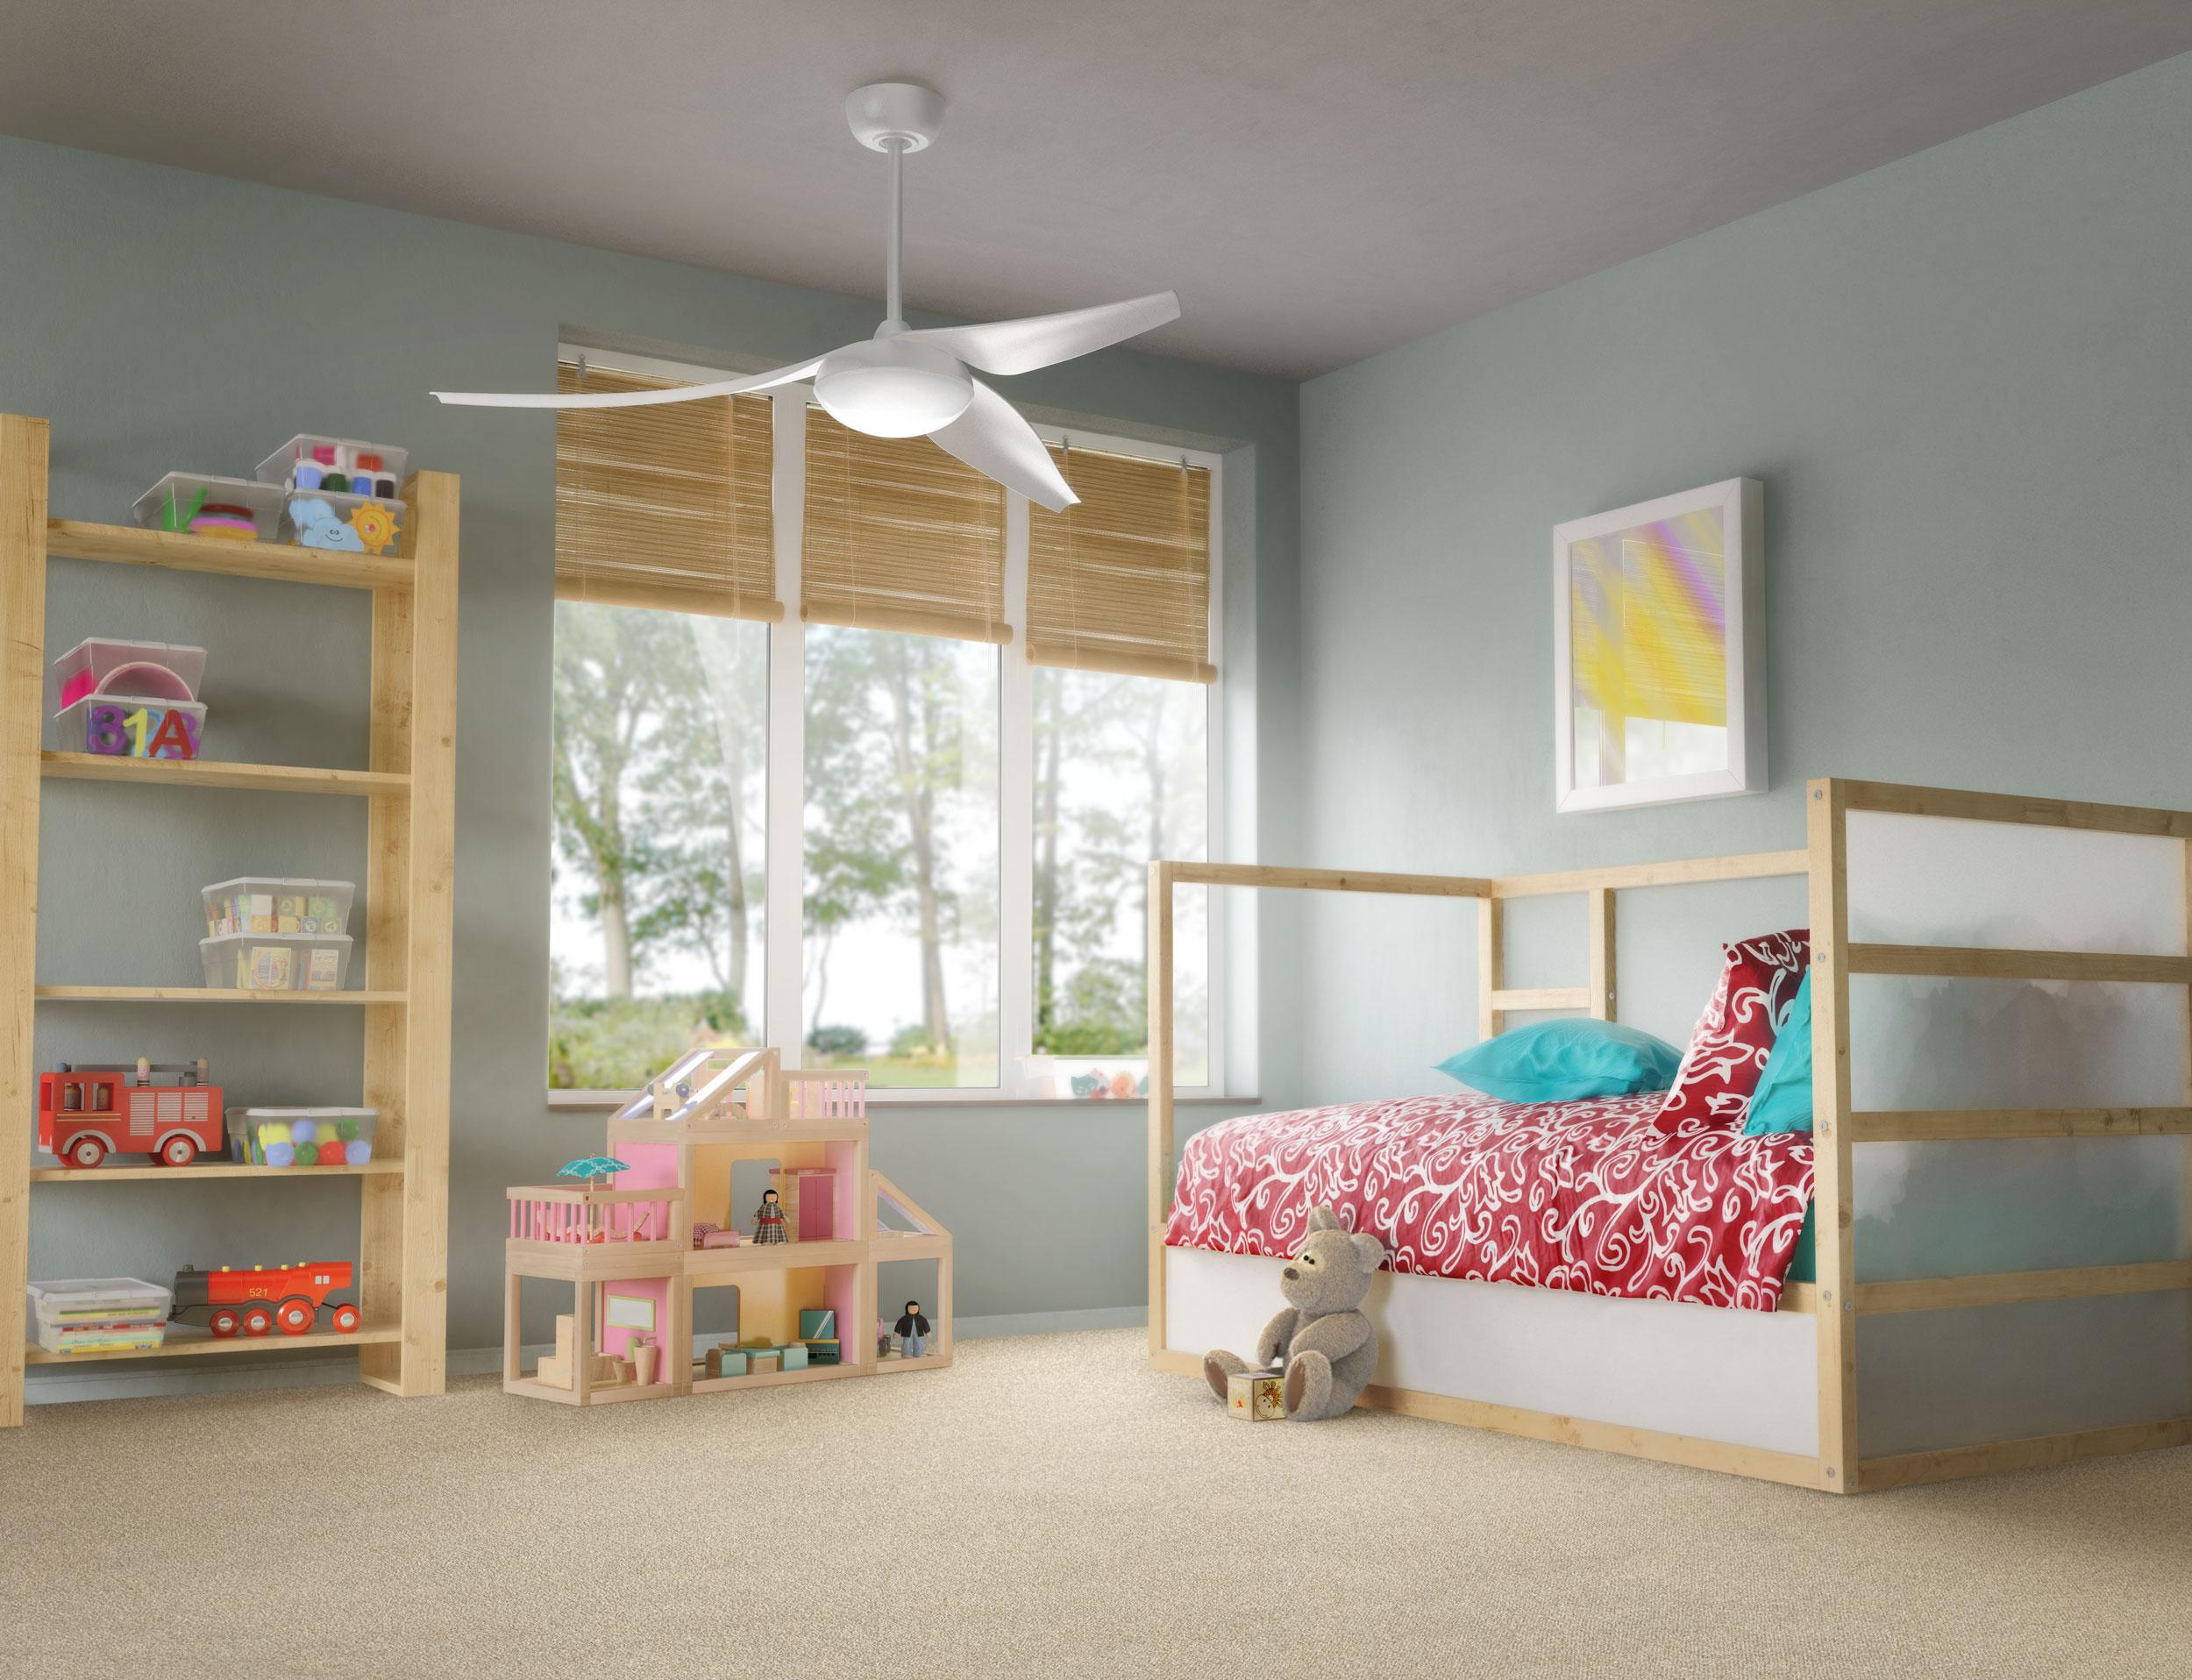 Flyy_310700_Bedroom.jpg